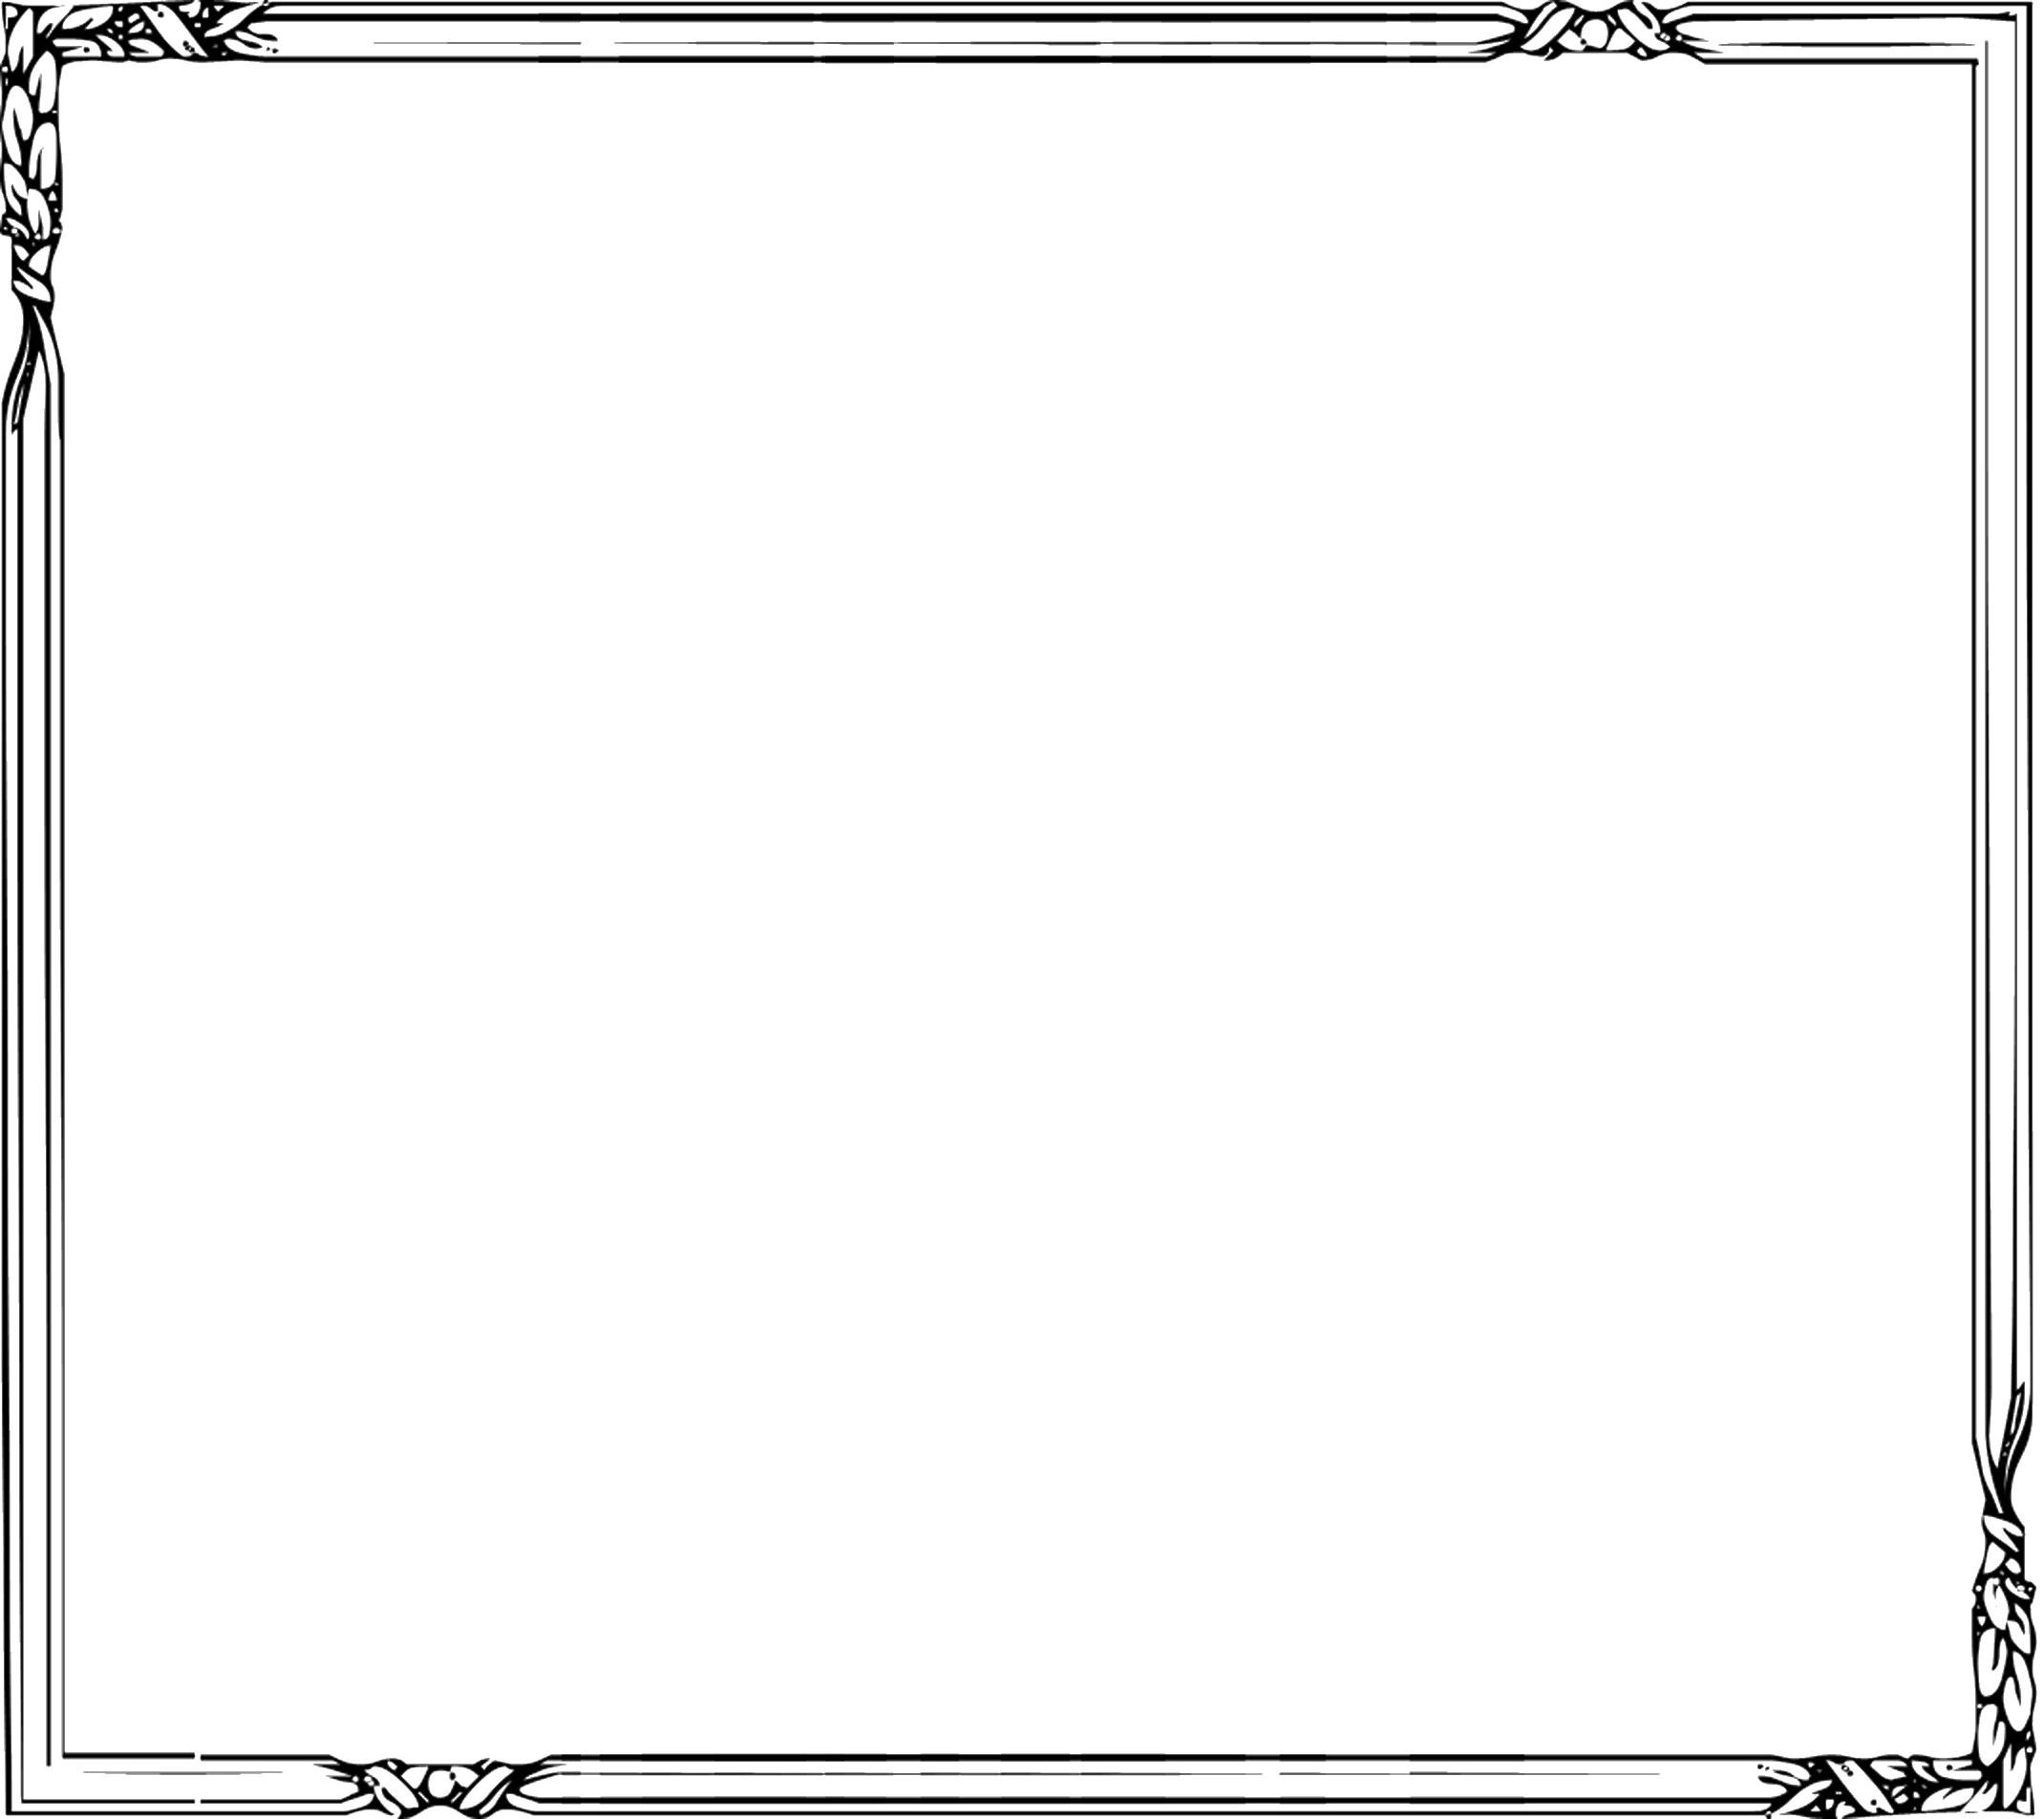 無料のフリー素材 - フレーム枠・タイトル「ねじりフレーム」